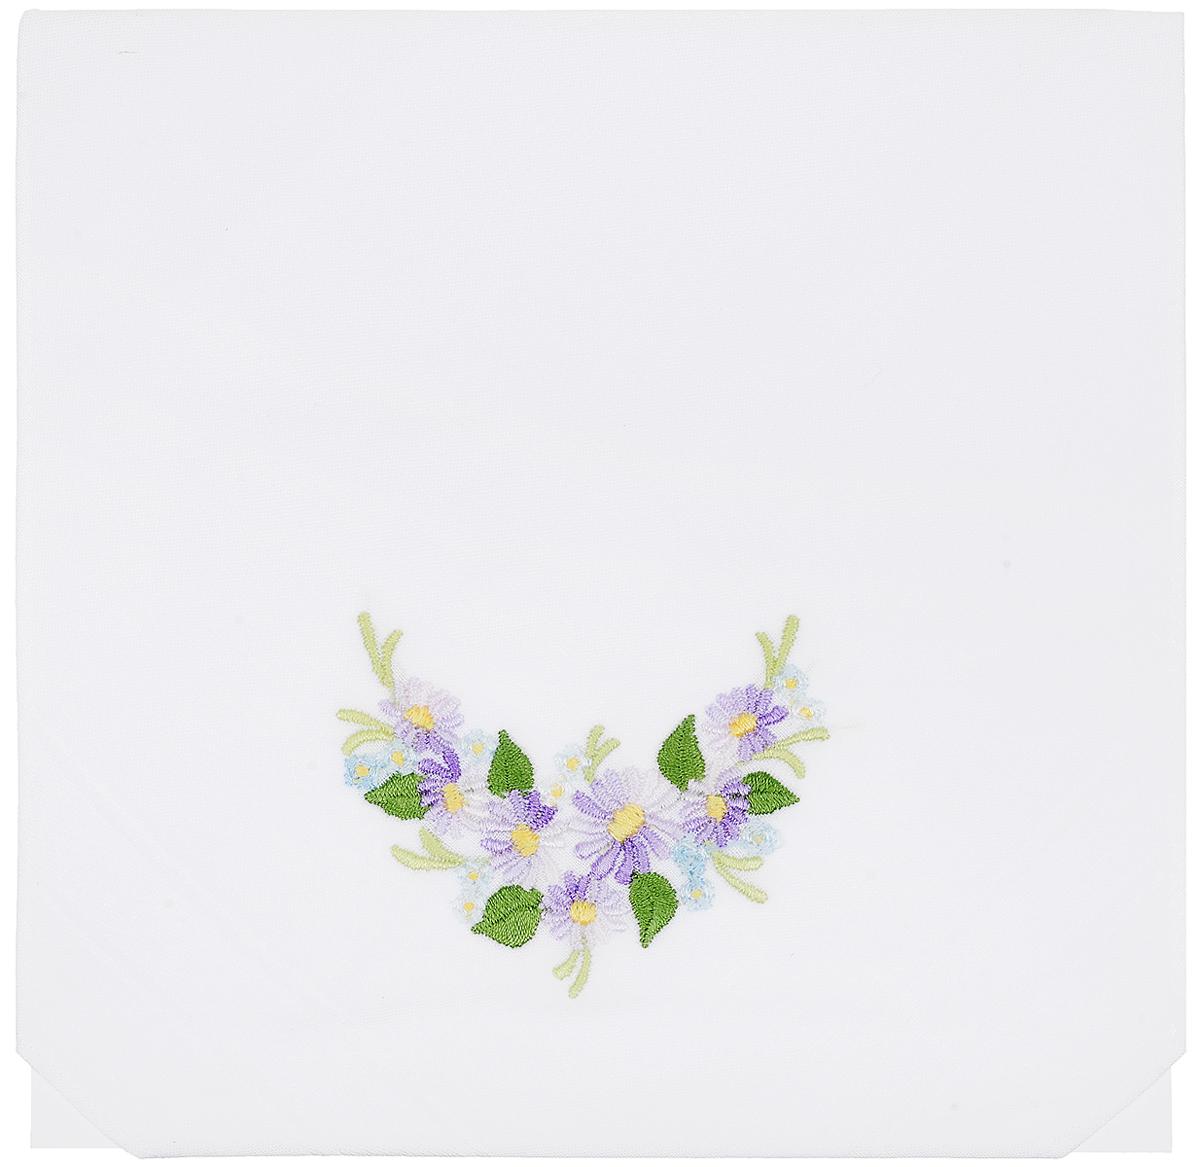 Платок носовой женский Zlata Korunka, цвет: белый. 19701-3. Размер 30 см х 30 см19701-3Оригинальный женский носовой платок Zlata Korunka изготовлен из высококачественного натурального хлопка, благодаря чему приятен в использовании, хорошо стирается, не садится и отлично впитывает влагу. Практичный и изящный носовой платок будет незаменим в повседневной жизни любого современного человека. Такой платок послужит стильным аксессуаром и подчеркнет ваше превосходное чувство вкуса.